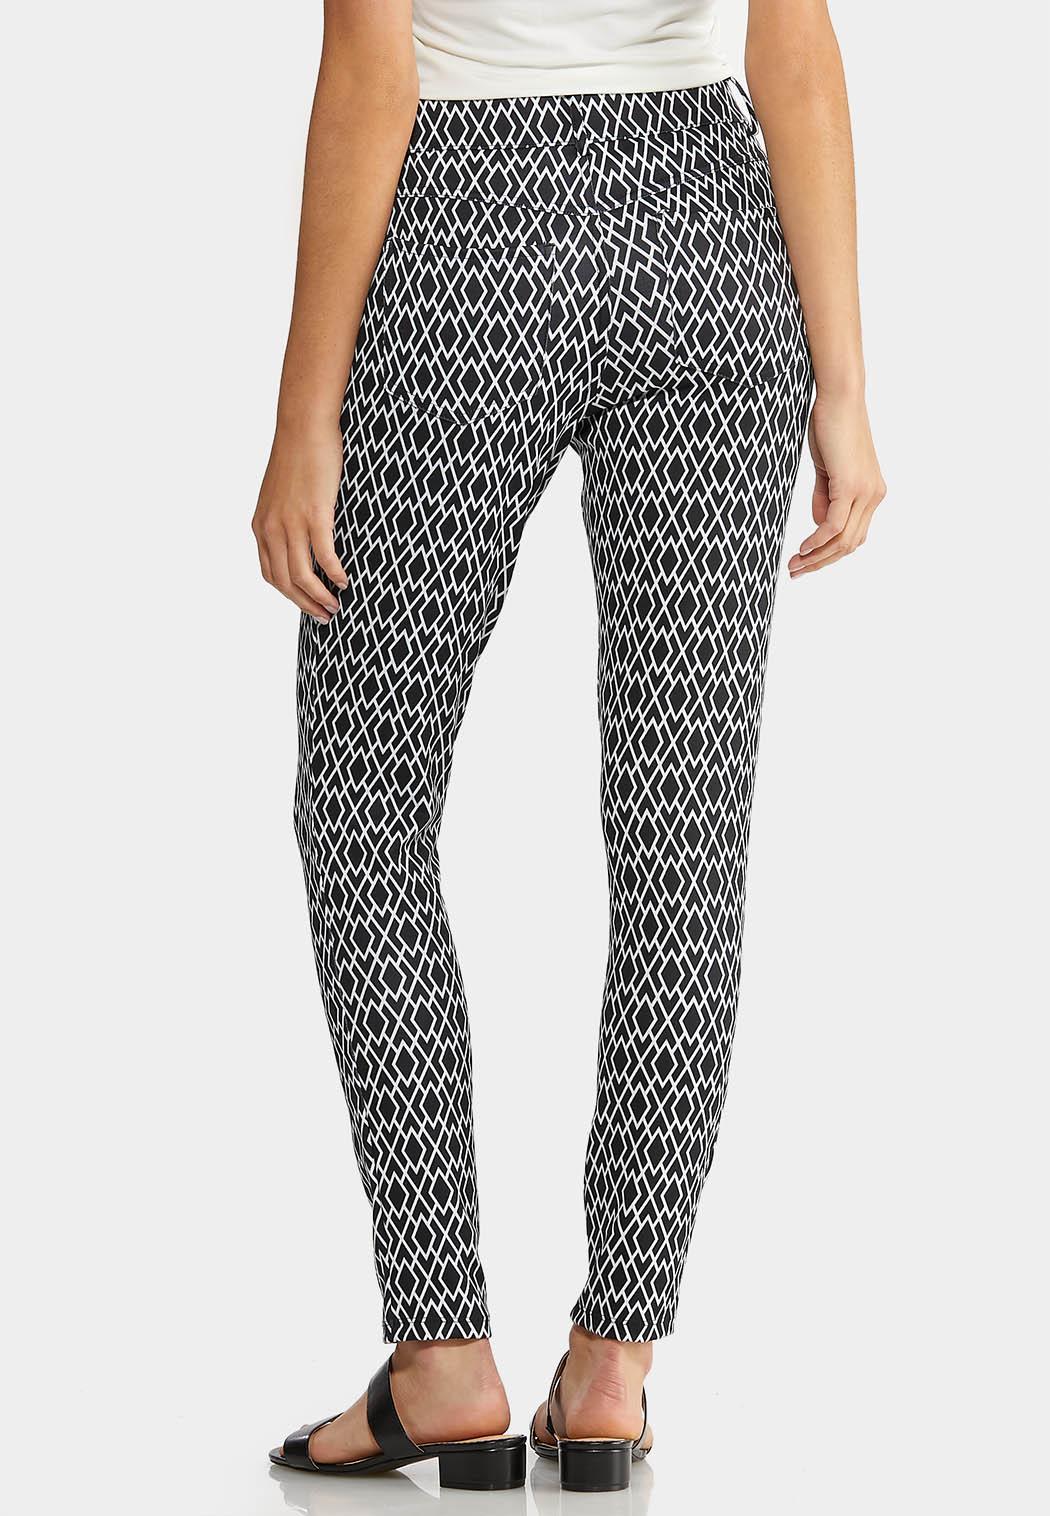 Petite Diamond Print Knit Pants (Item #43890616)